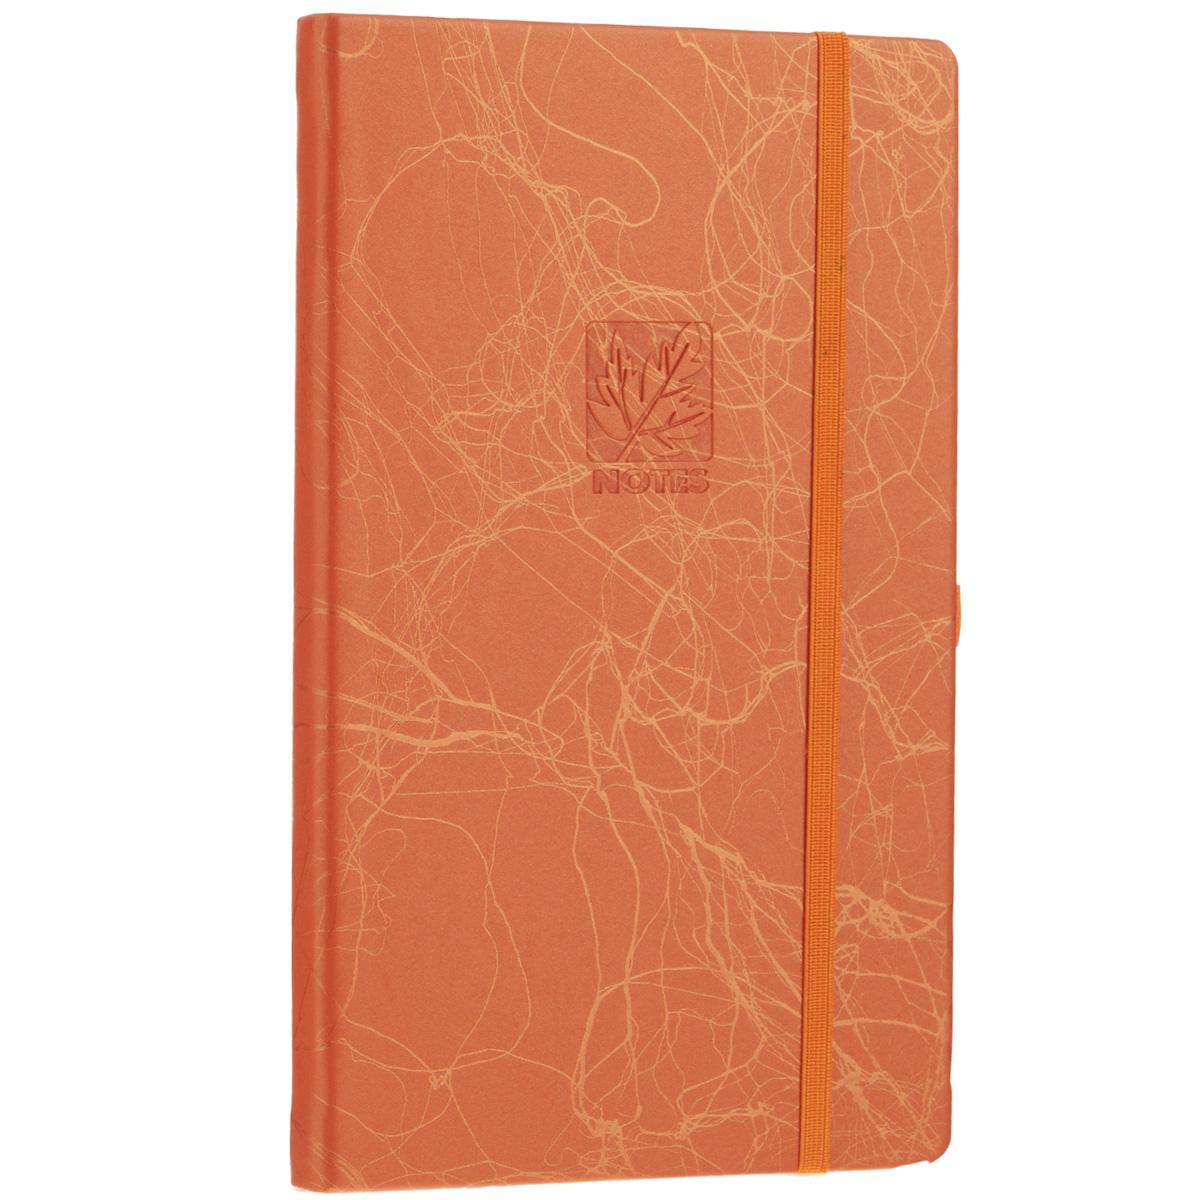 Записная книжка Erich Krause Scribble, цвет: оранжевый, 96 листов72523WDЗаписная книжка Erich Krause Scribble - это дополнительный штрих к вашему имиджу. Демократичная в своем содержании, книжка может быть использована не только для личных пометок и записей, но и как недатированный ежедневник. Надежная твердая обложка из плотного картона, обтянутого искусственной кожей, сохранит ее в аккуратном состоянии на протяжении всего времени использования. Плотная в линейку бумага белого цвета, закладка-ляссе, практичные скругленные углы, эластичная петелька для ручки и внутренний бумажный карман на задней обложке - все это обеспечит вам истинное удовольствие от письма. В начале книжки имеется страничка для заполнения личных данных владельца, четыре страницы для заполнения адресов, телефонов и интернет-почты и четыре страницы для заполнения сайтов и ссылок. Благодаря небольшому формату книжку легко взять с собой. Записная книжка плотно закрывается при помощи фиксирующей резинки.